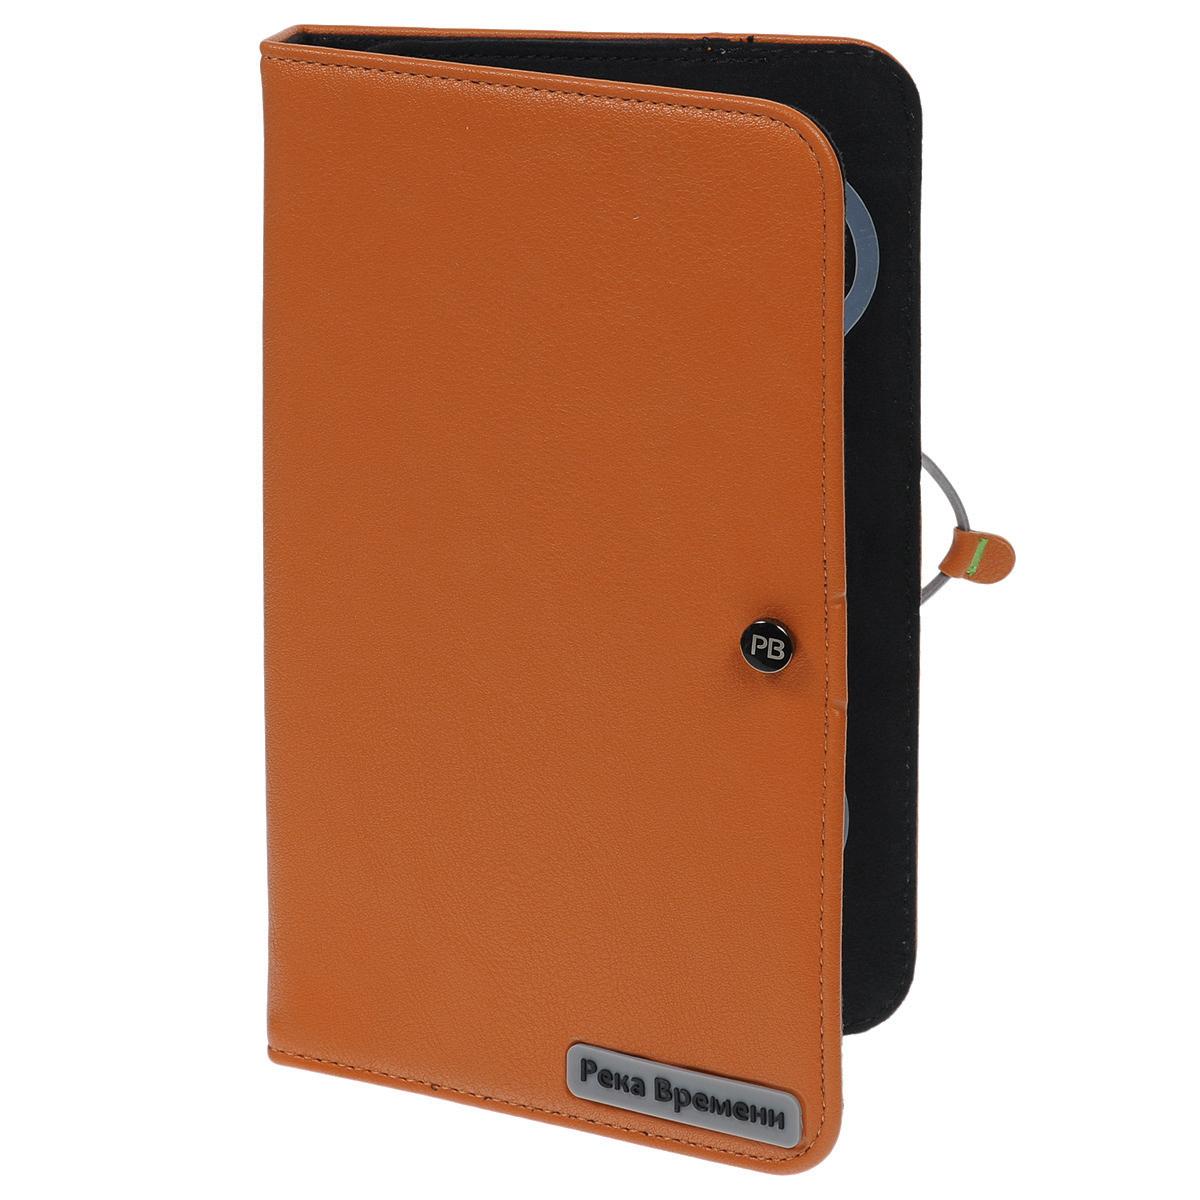 Vivacase Река Времени универсальный чехол-обложка для 7+, Orange (VRV-CCL07P-or)VRV-CCL07P-orЧехол предназначен для защиты электронных устройств от механических повреждений и влаги. Крепление позволяет надежно зафиксировать устройство.